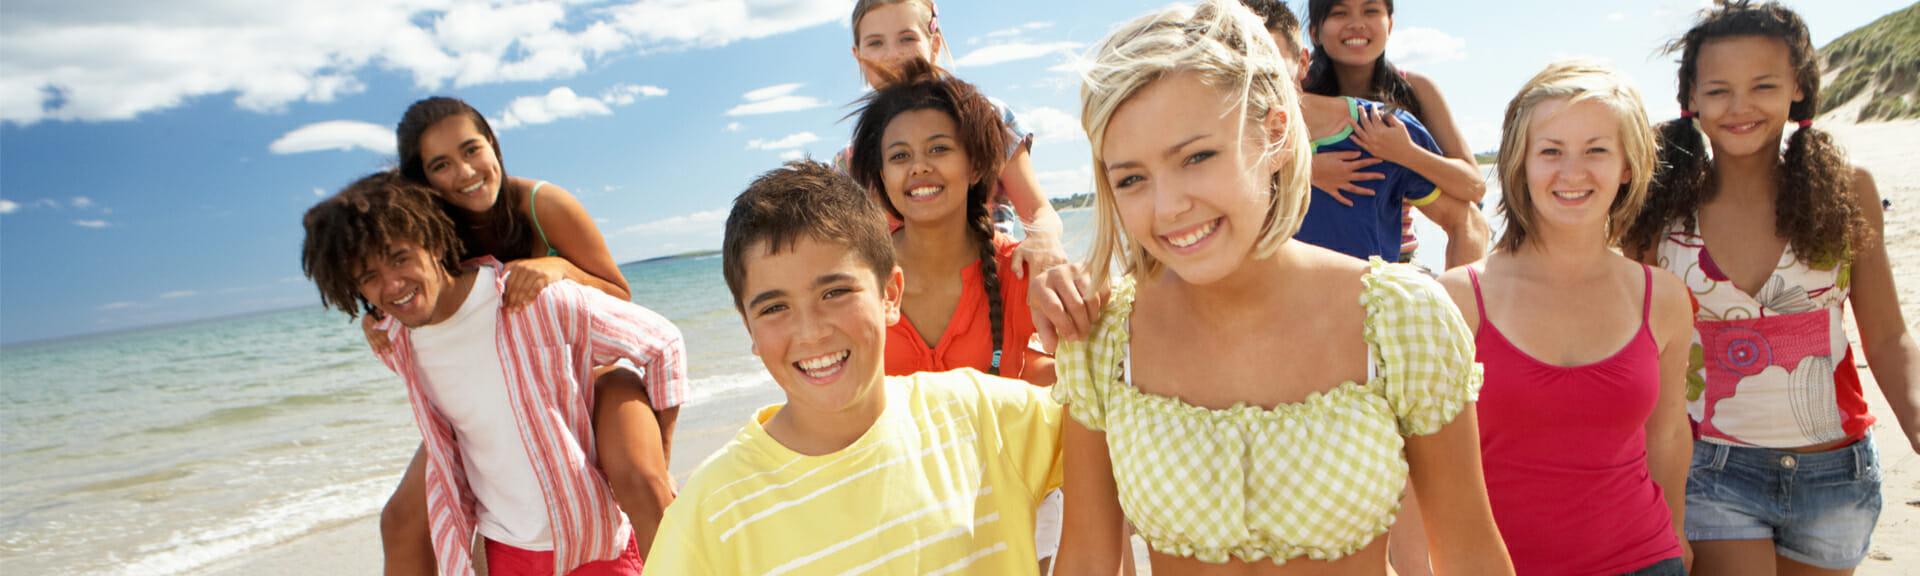 Klassenfahrt Costa Brava Schüler haben Spaß